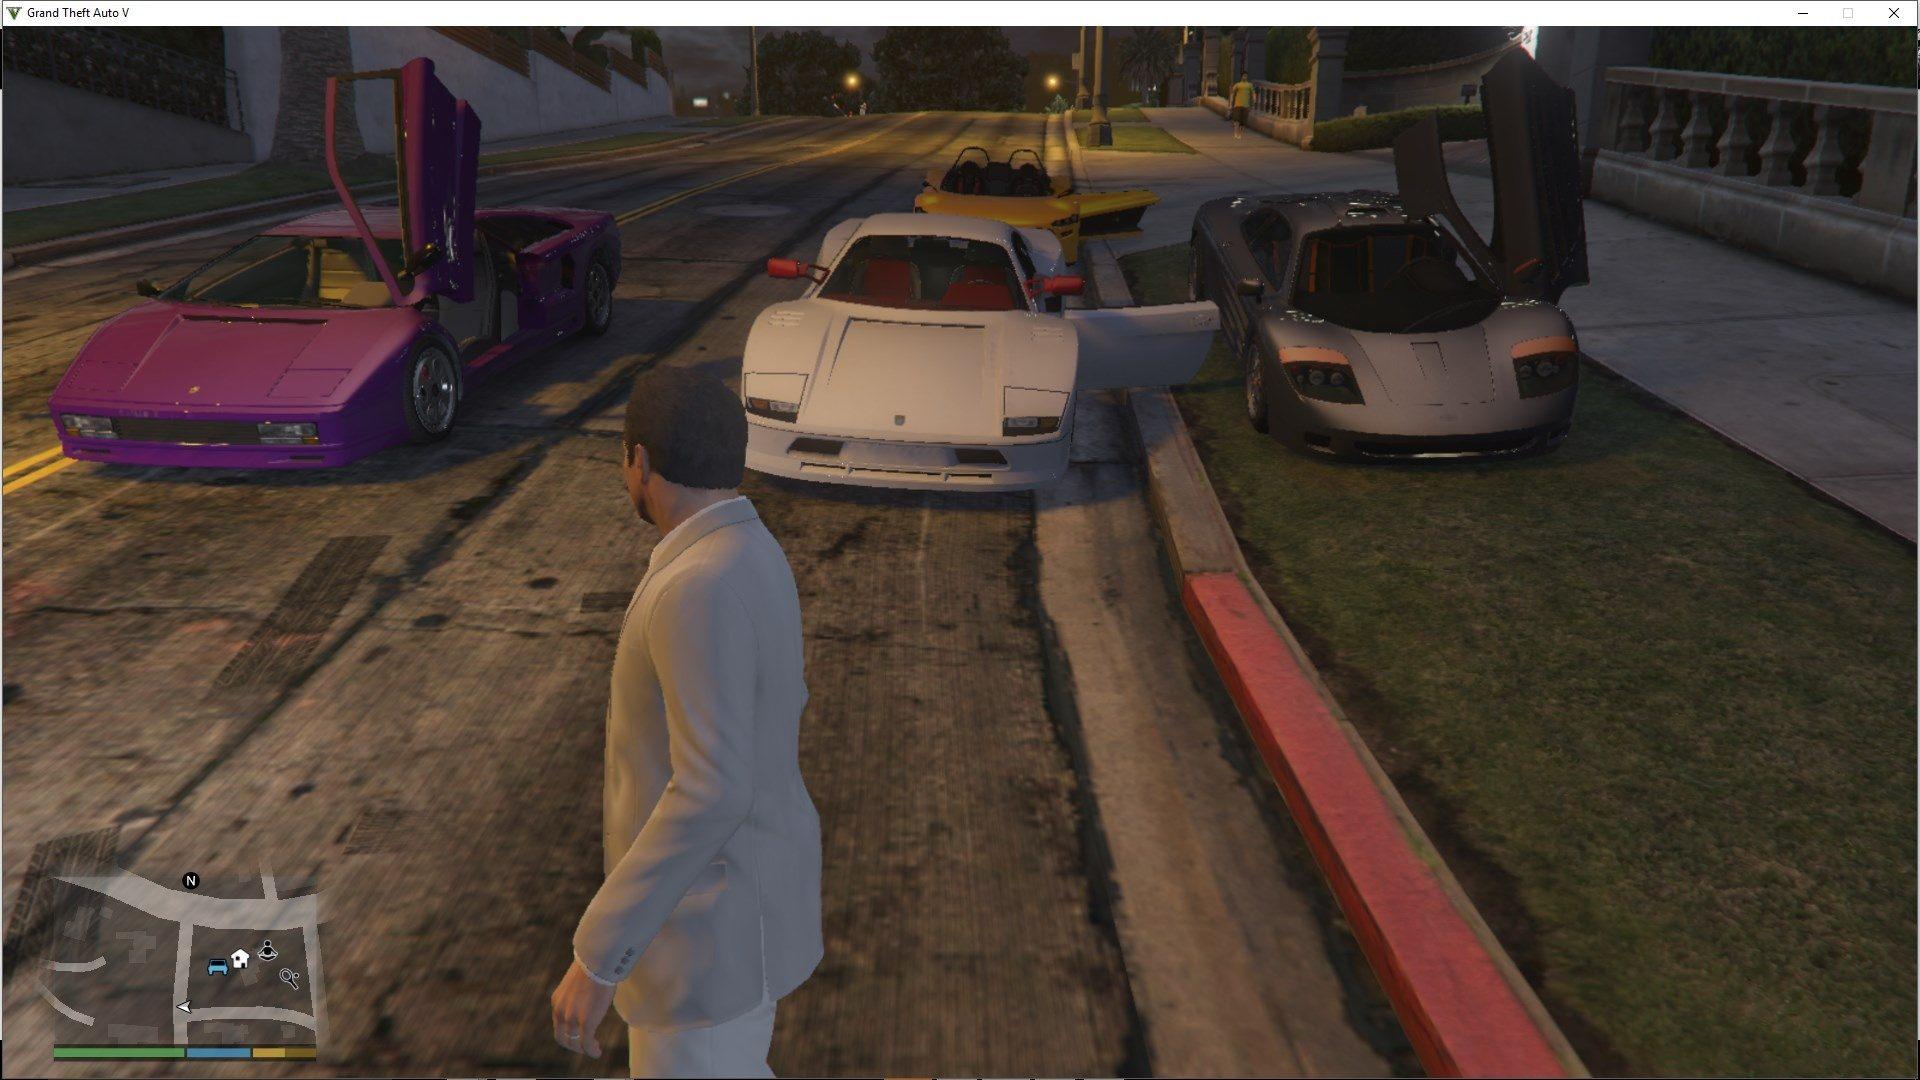 GTA V - Online vehicles in singleplayer